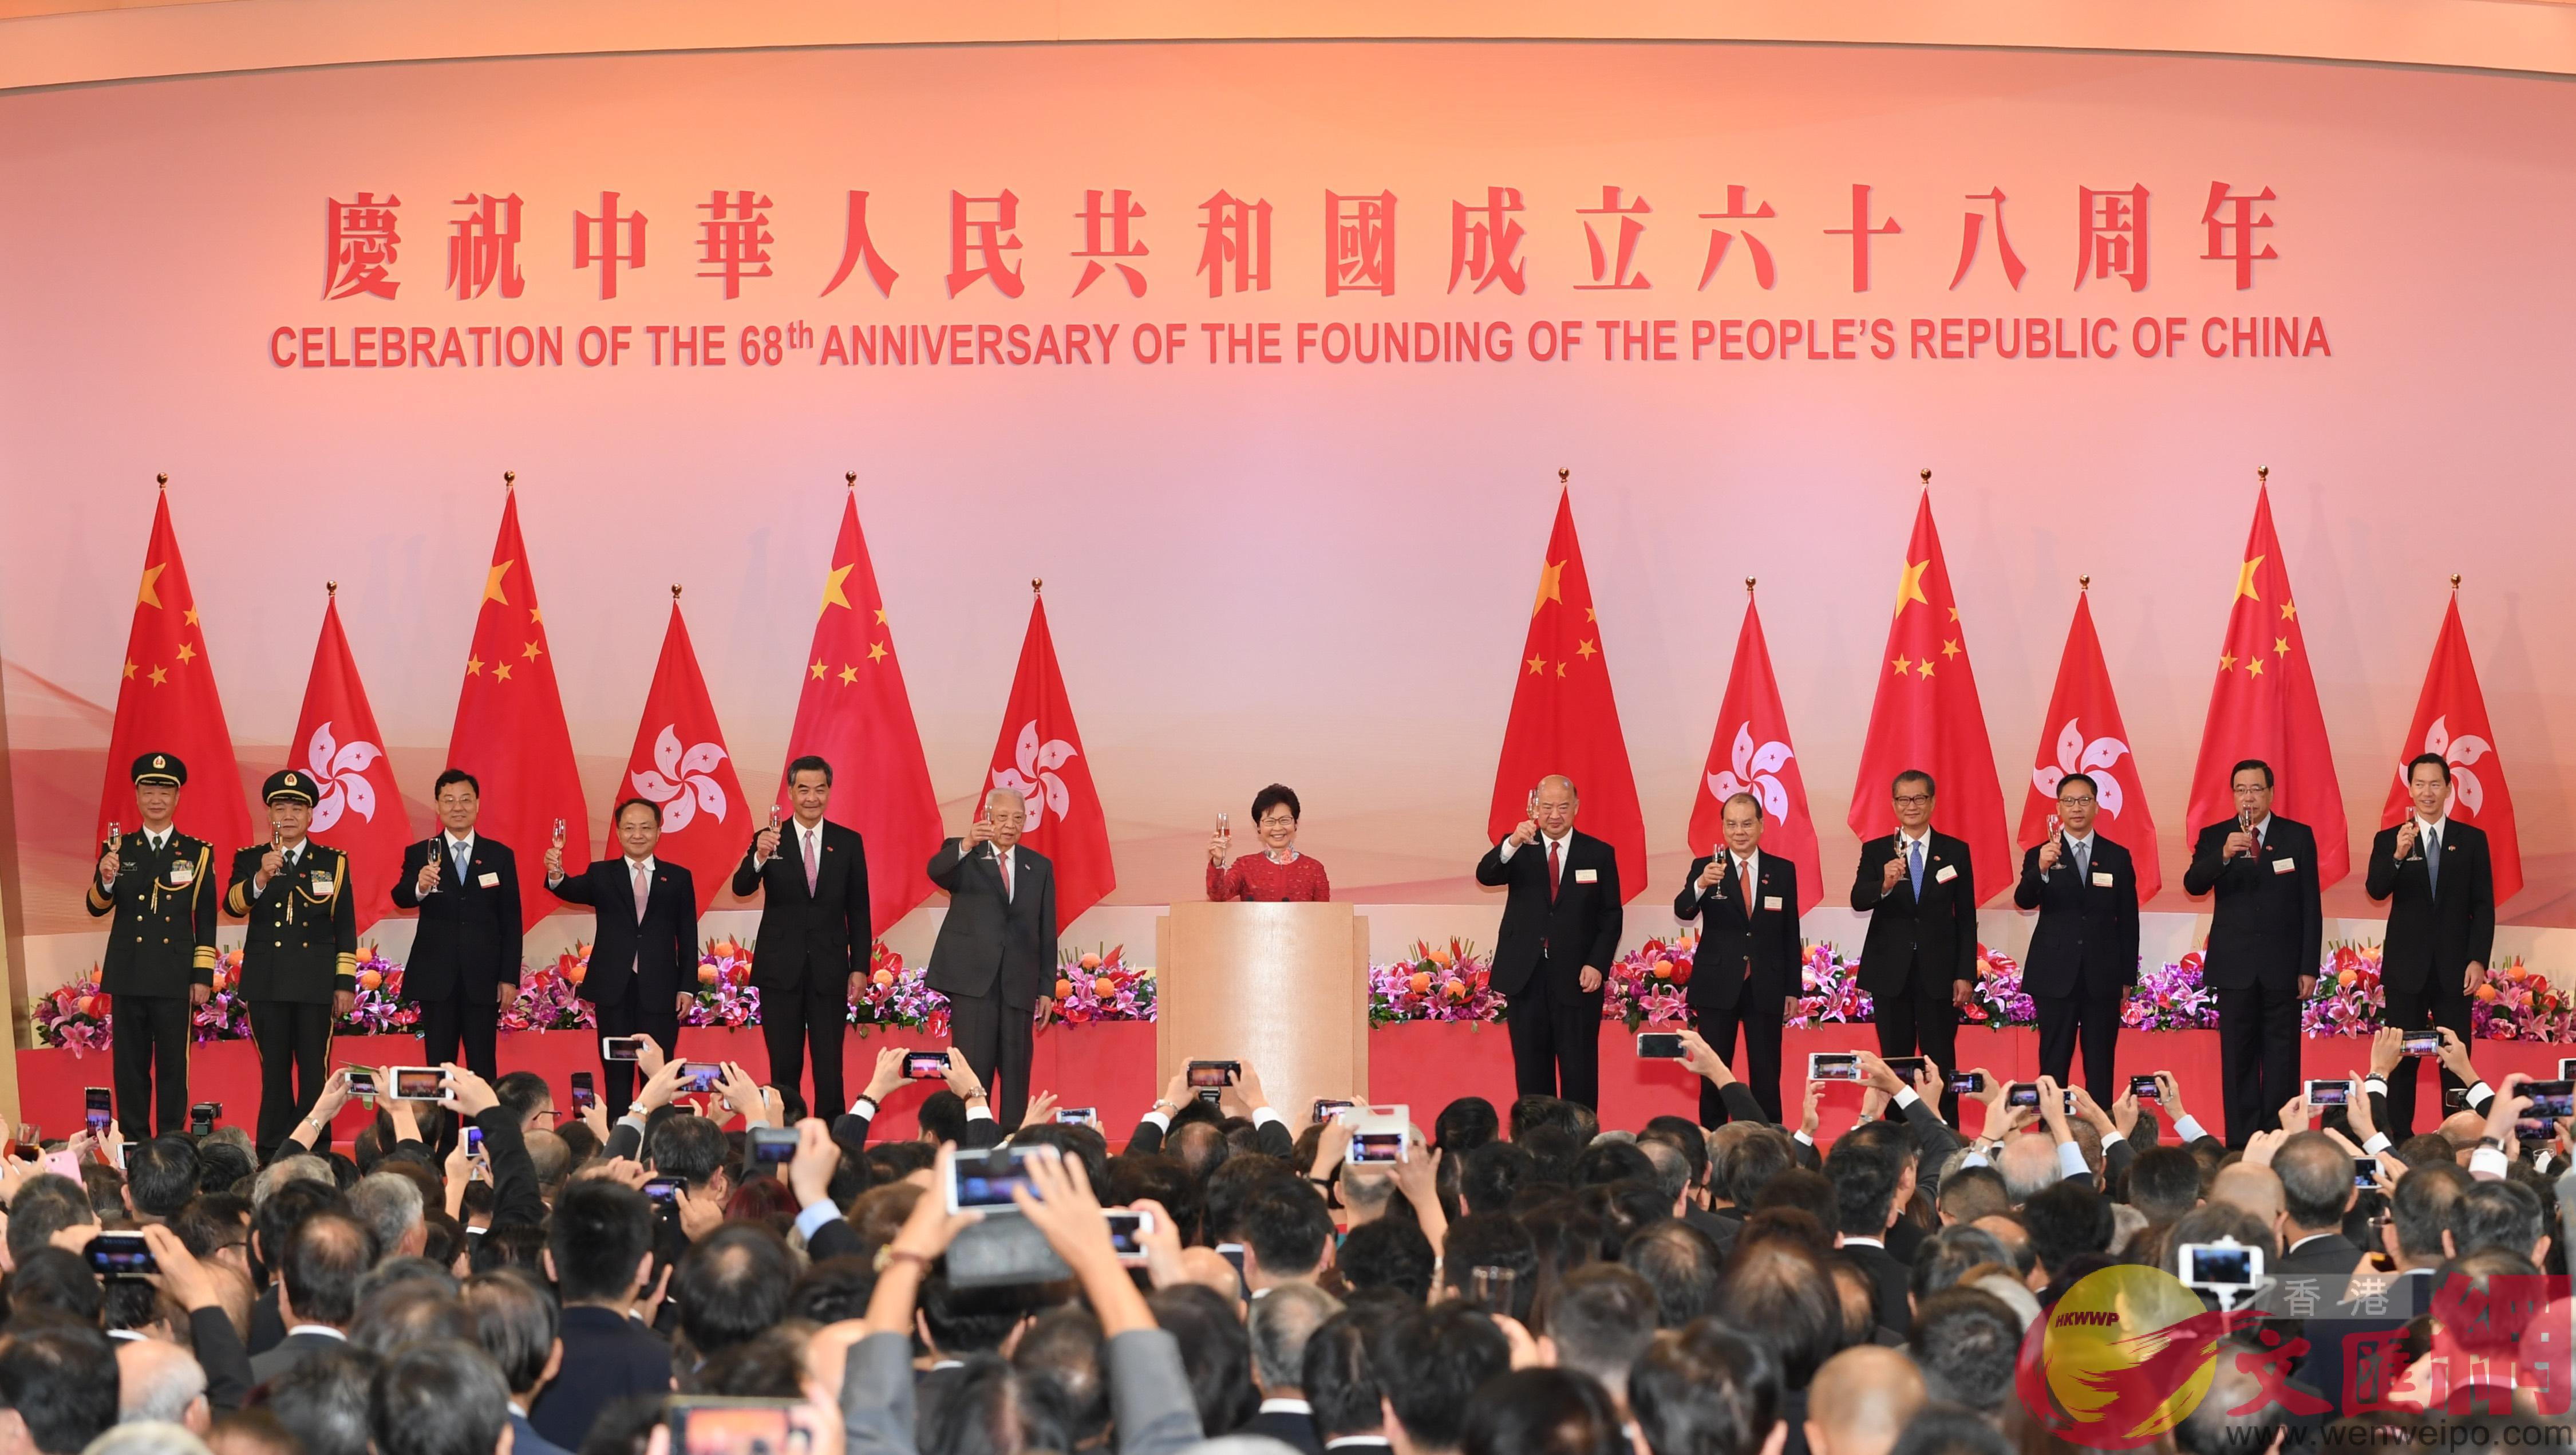 董建華(左六)、梁振英(左五)、林鄭月娥(左七)、王志民(左四)、謝鋒(左三)、譚本宏(左二)、岳世鑫(左一)和政府高層官員在酒會上祝酒